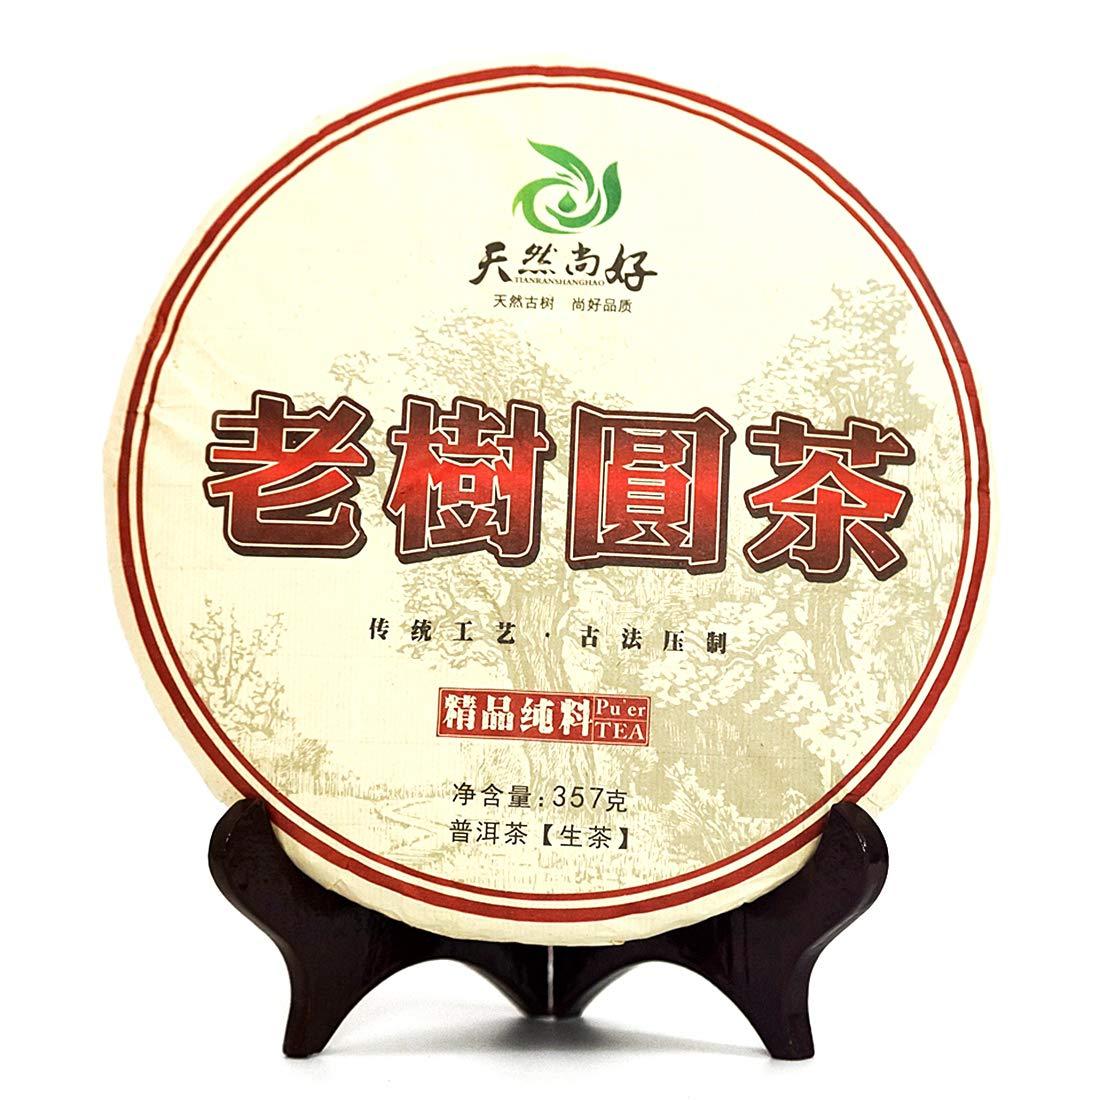 Cha Wu-LaoShuYuanCha Raw Puerh Tea,Puer Sheng Cha,357g/Cake,Made in 2016 YunNan Pu erh Tea